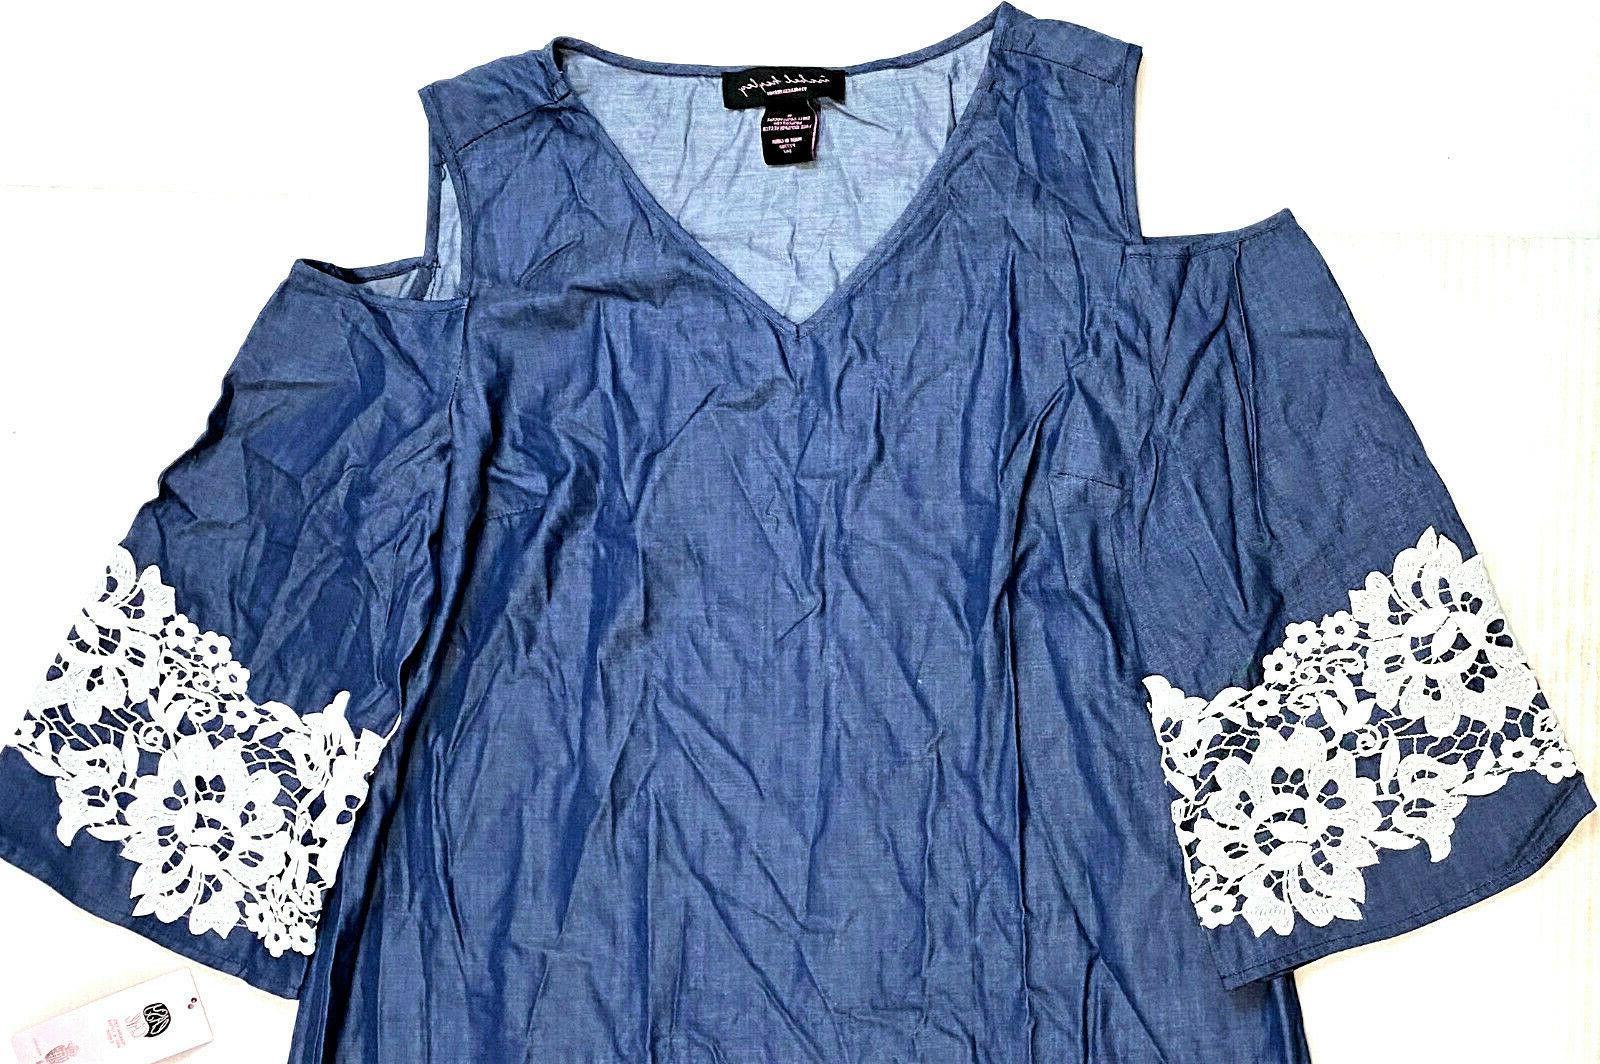 Isabel Denim Lace Shoulder Blue, Size MSRP $68.00